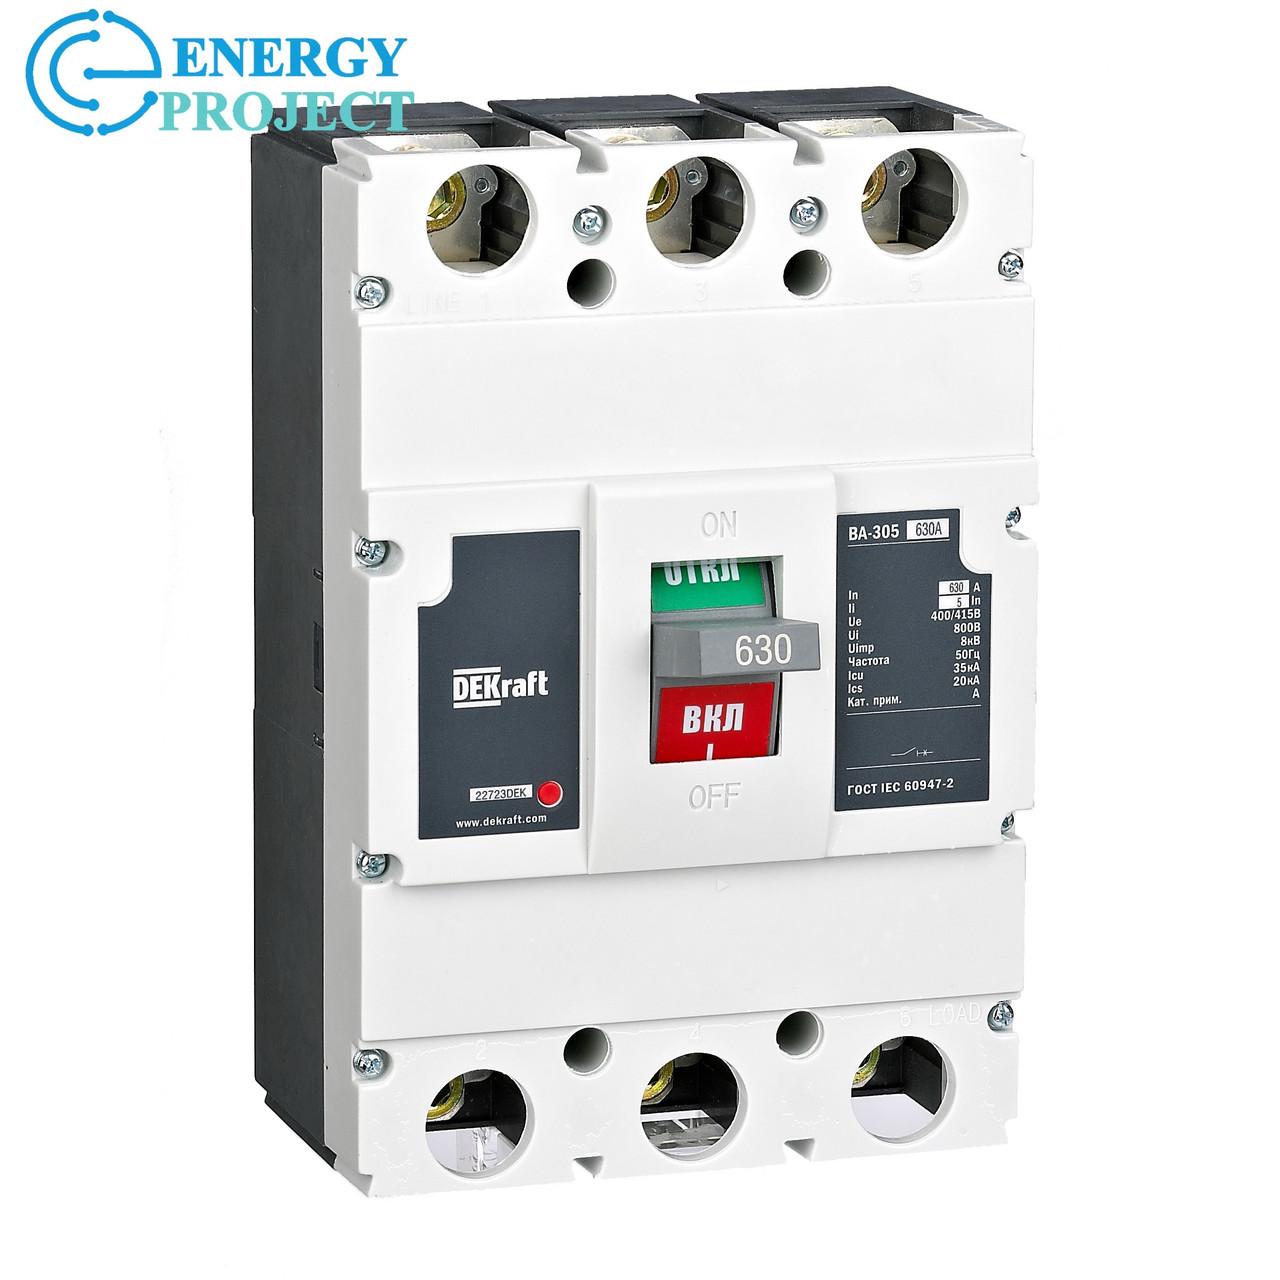 Автоматический выключатель ВА 305 3П 500А Dekfaft